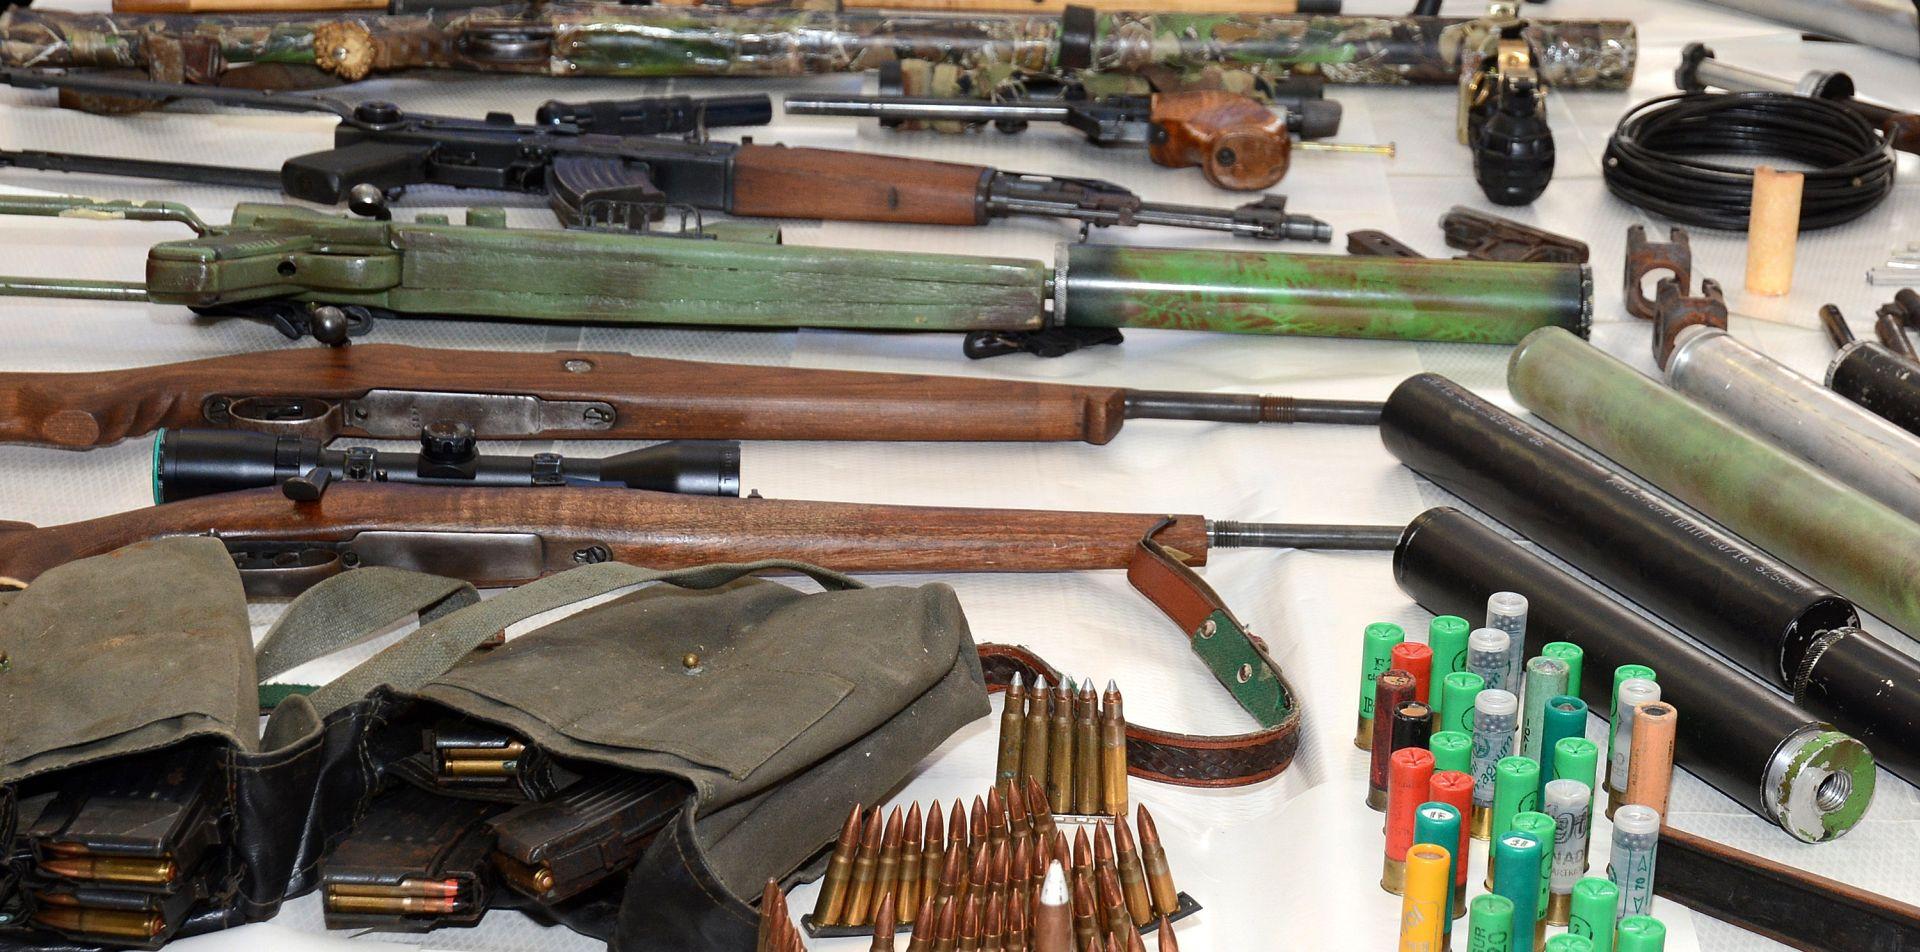 ZAPLJENA KOD TROGIRA Policija u kući 37-godišnjaka pronašla veliku količinu oružja i streljiva